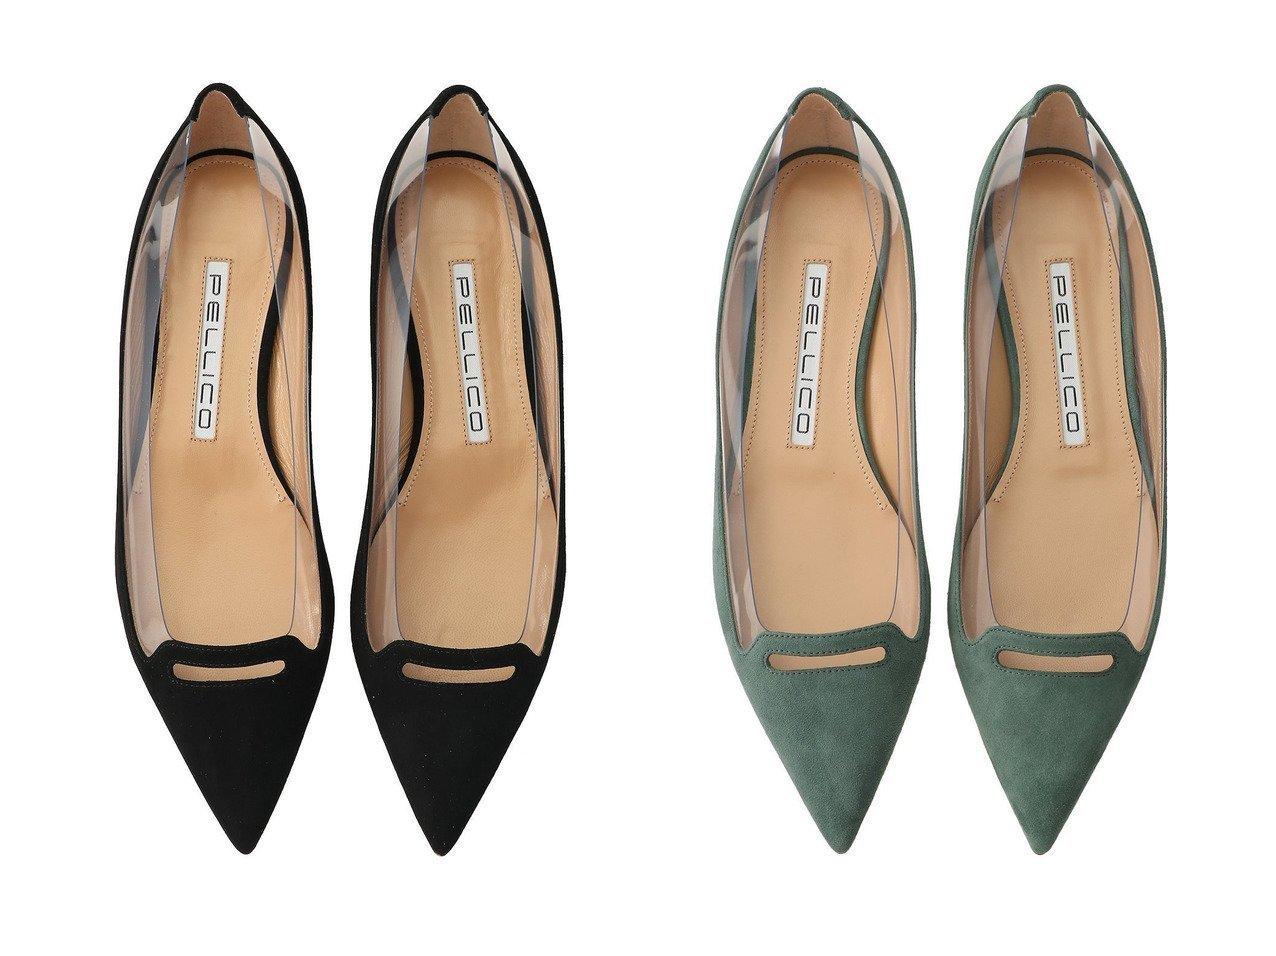 【heliopole/エリオポール】の【PELLICO】PVCポインテッドフラットパンプス 【シューズ・靴】おすすめ!人気、トレンド・レディースファッションの通販  おすすめで人気の流行・トレンド、ファッションの通販商品 インテリア・家具・メンズファッション・キッズファッション・レディースファッション・服の通販 founy(ファニー) https://founy.com/ ファッション Fashion レディースファッション WOMEN イタリア エレガント コンビ シューズ シンプル スエード フラット ベーシック |ID:crp329100000062297